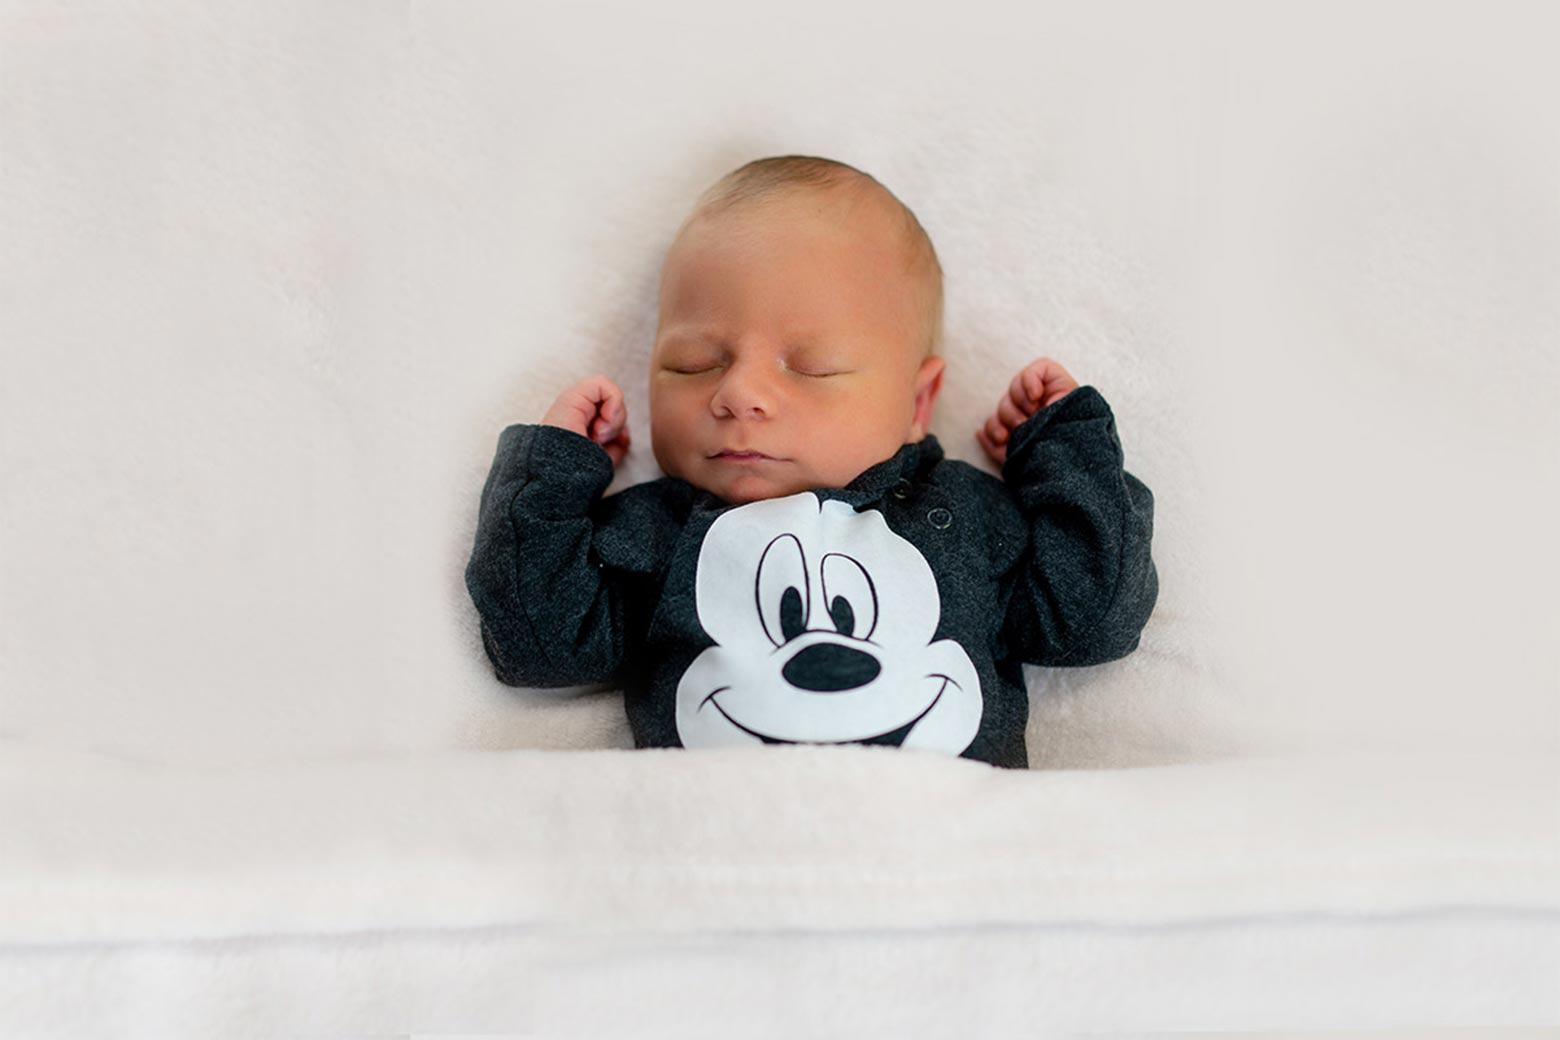 Baby-Fotoshooting-in-Muenchen-mit-Baby-im-blauen-Outfits-fuer-Babyfotografie